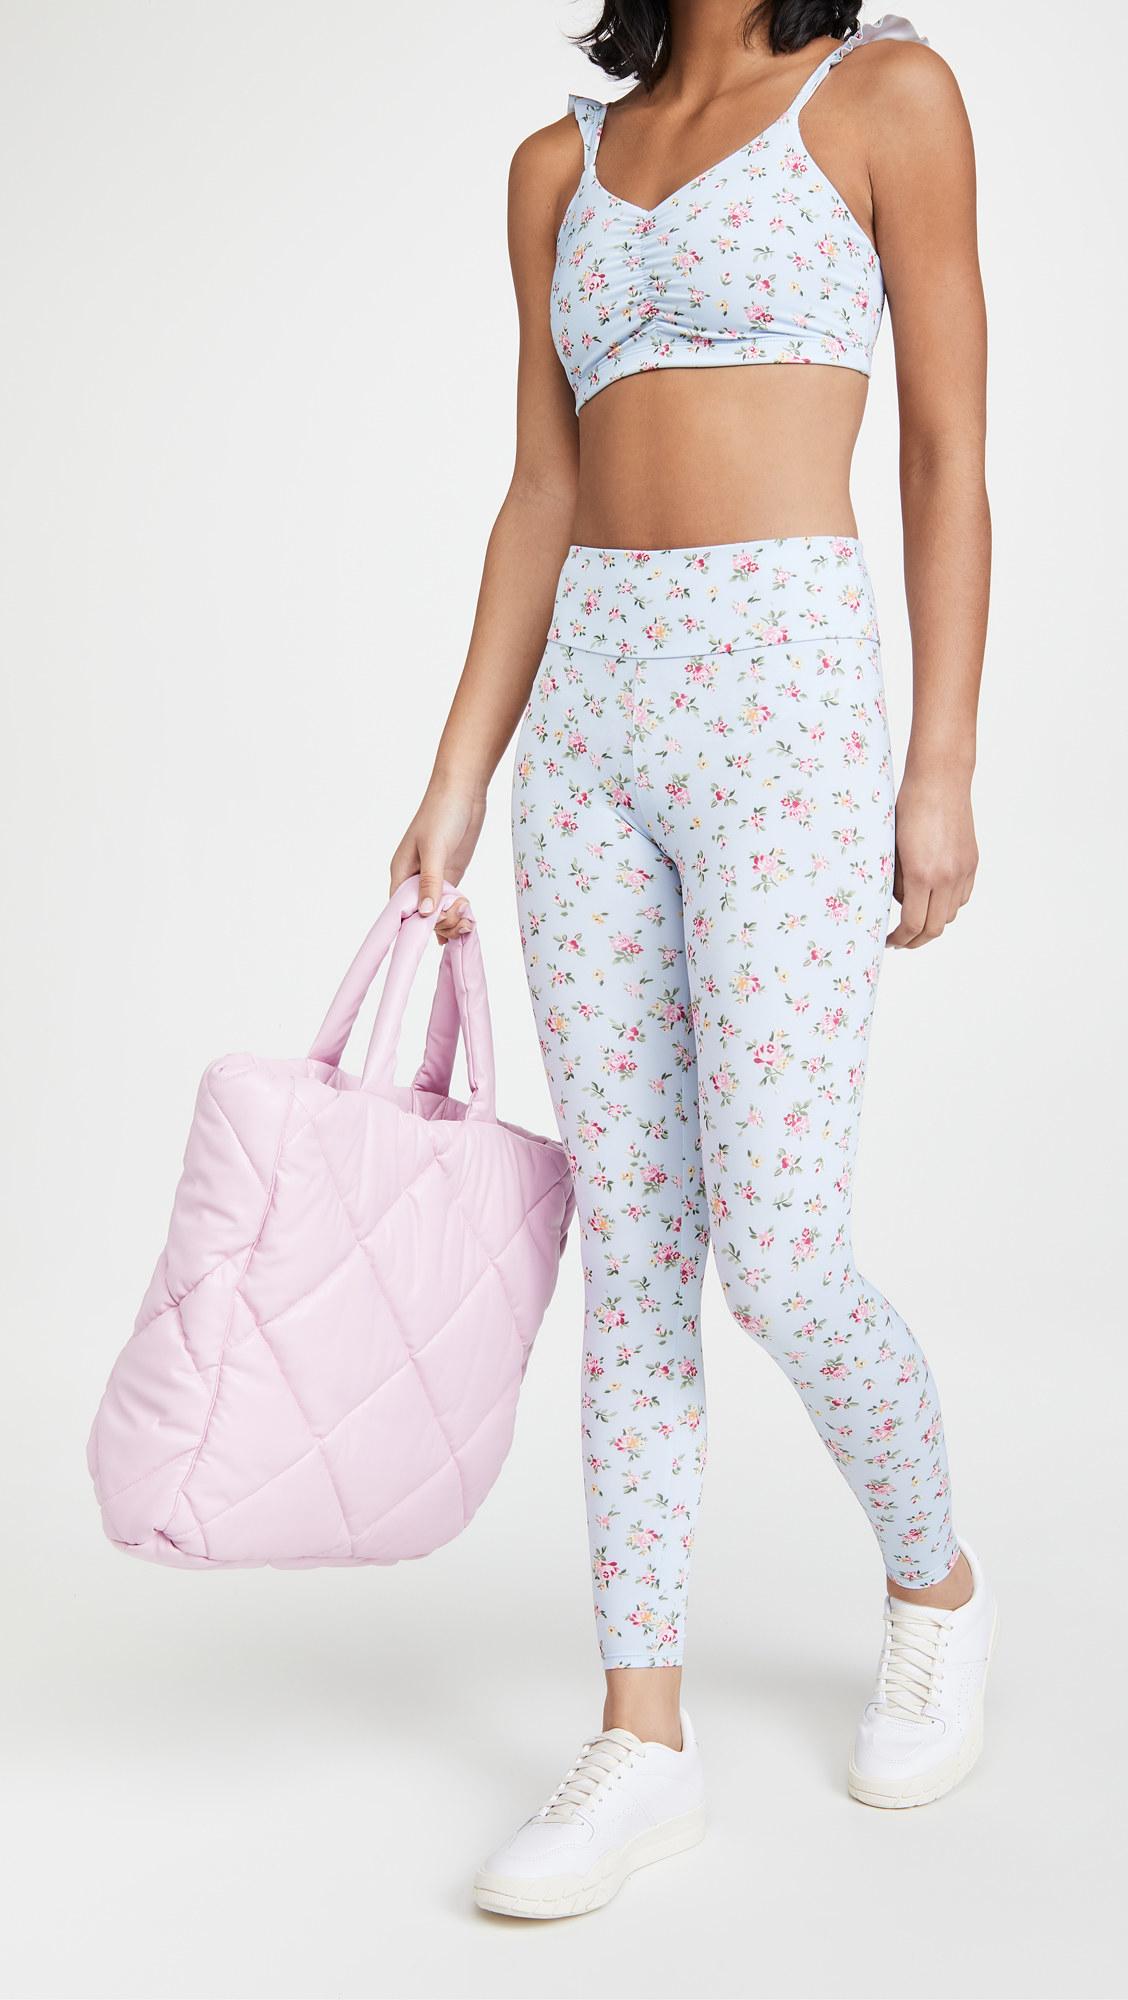 A model wearing the leggings